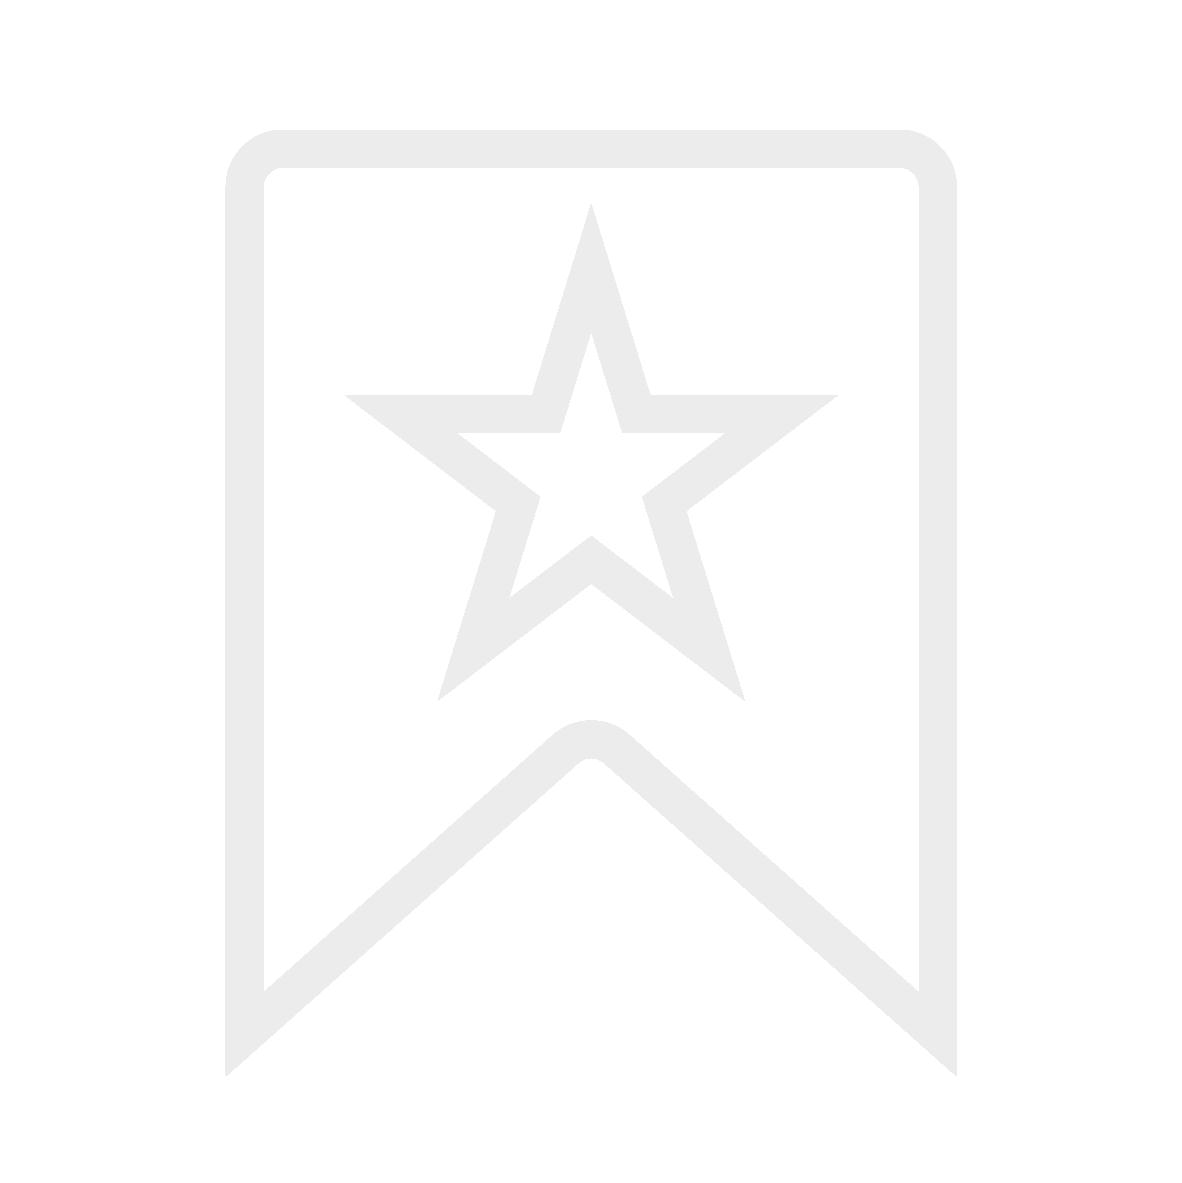 SwissPeaks_Icons Symboles_Grey_PriceTag.png